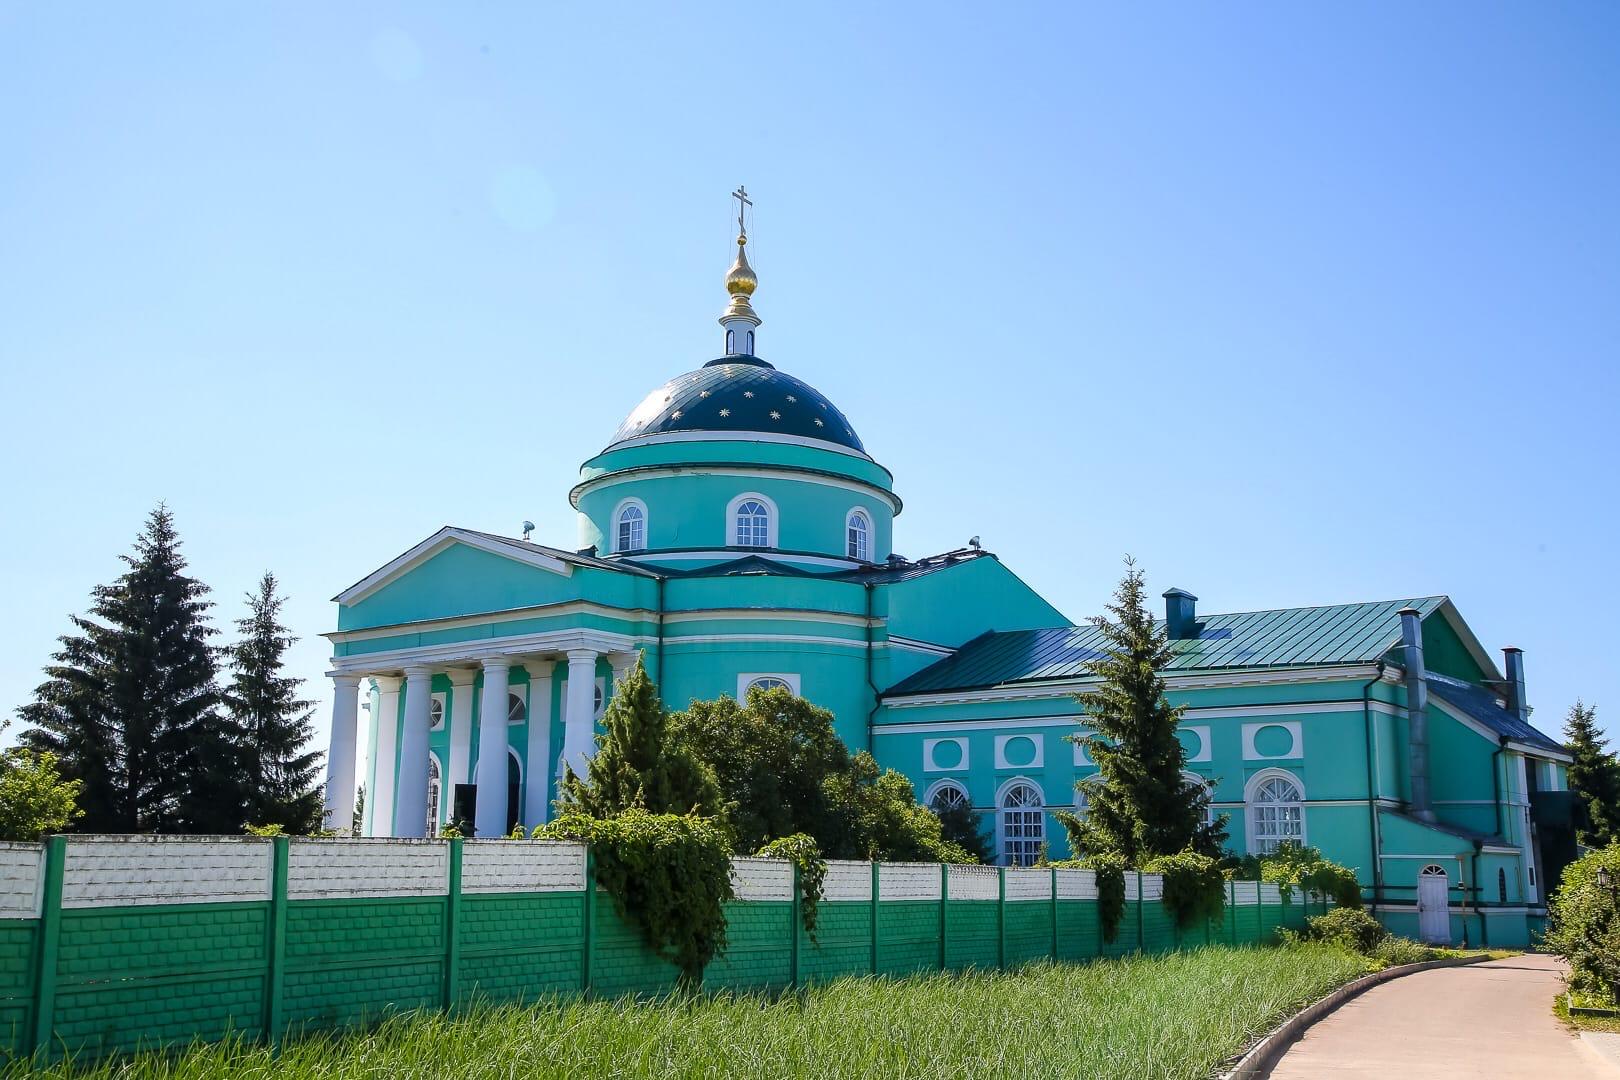 В селе Выездном освящен храм в честь преподобного Сергия Радонежского скита Дивеевского монастыря